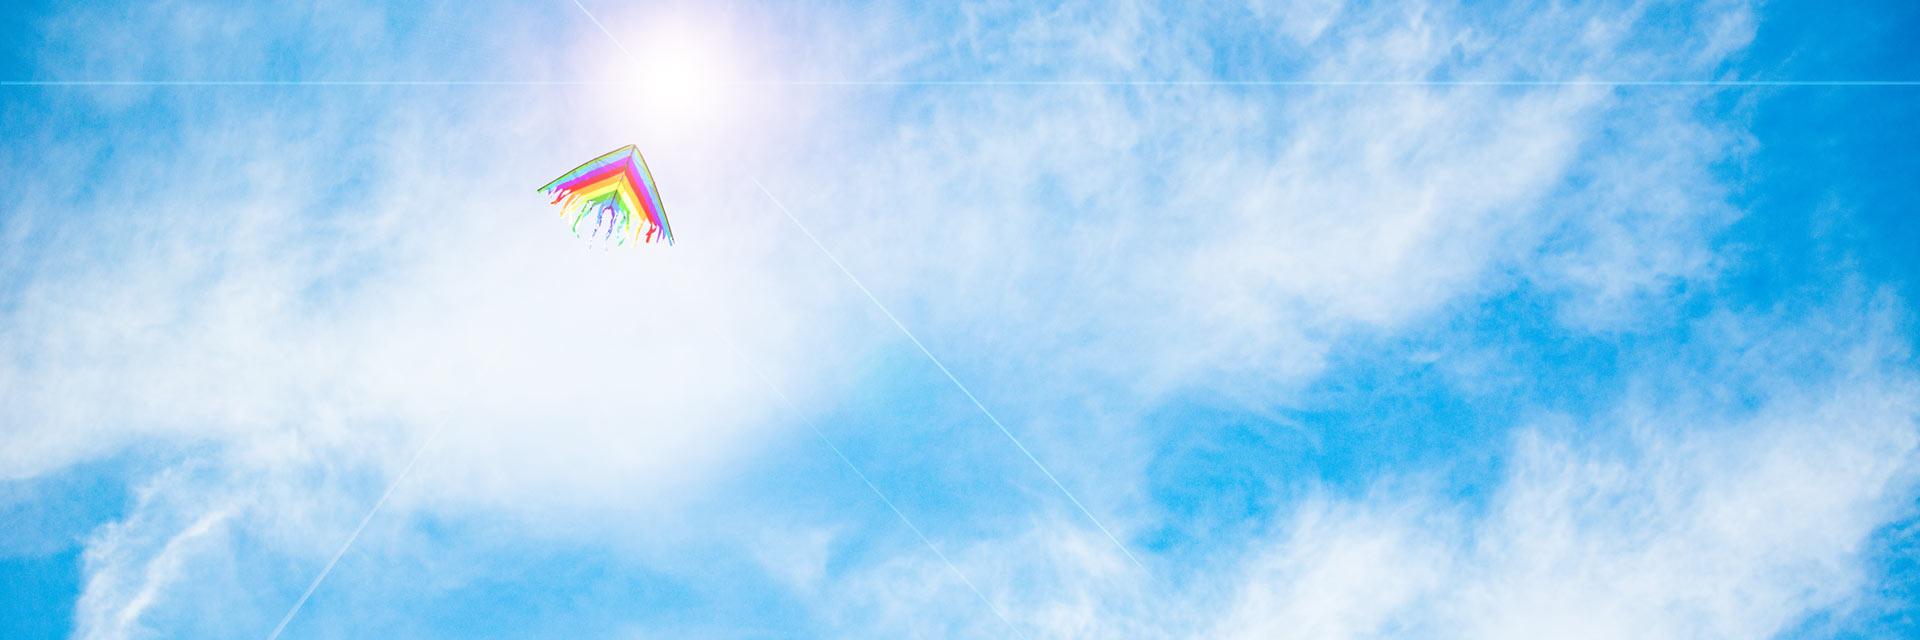 Vision passion mission för H Plymouth Utveckling illustrerat av regnbågsfärgad drake mot blå himmel